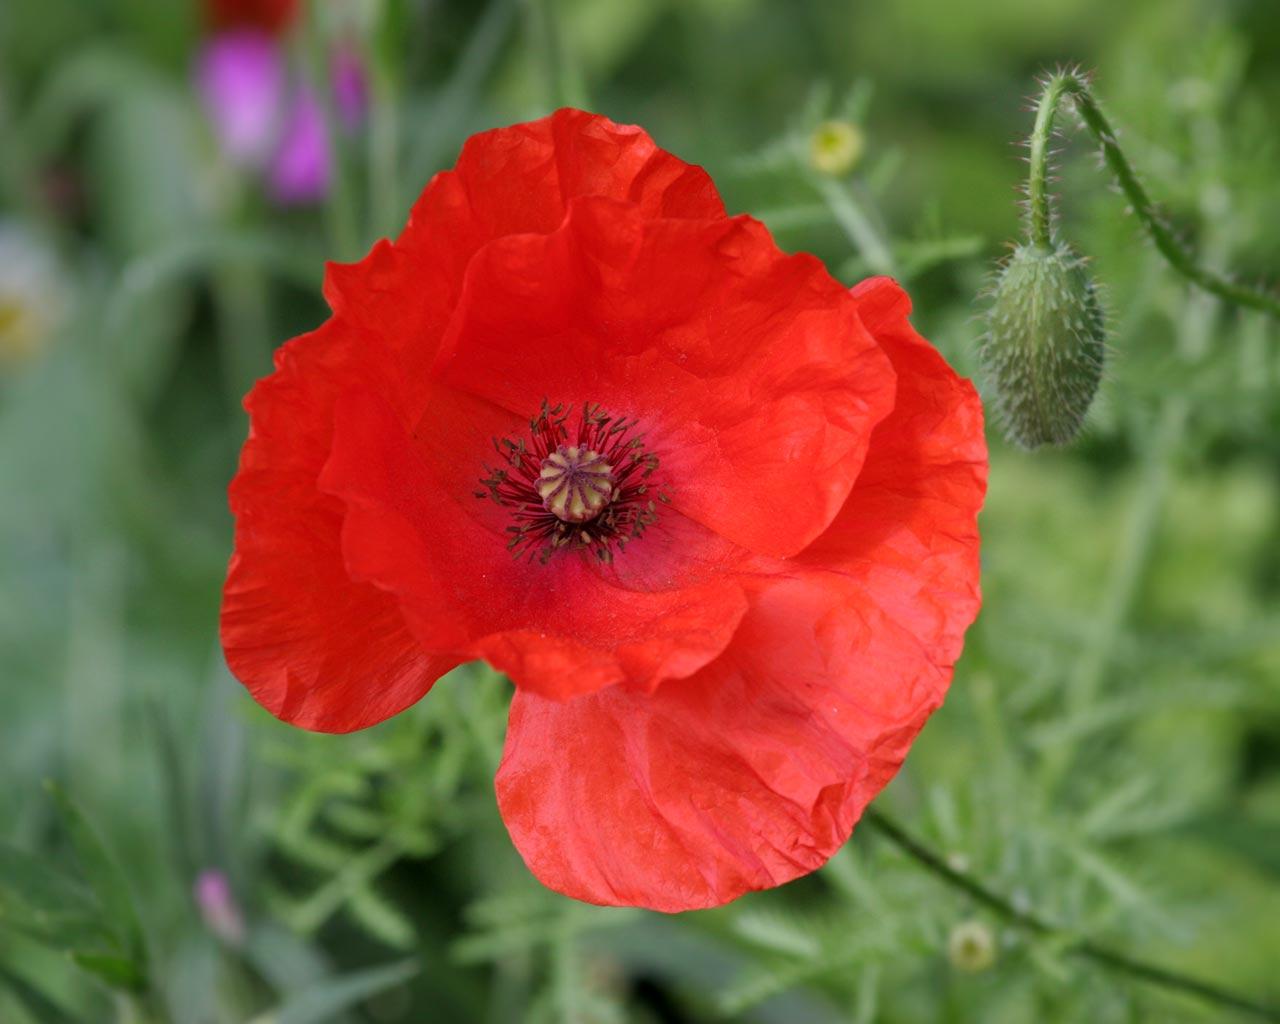 Poppy Flowers 14020 1280x1024 Px  HDWallSourcecom